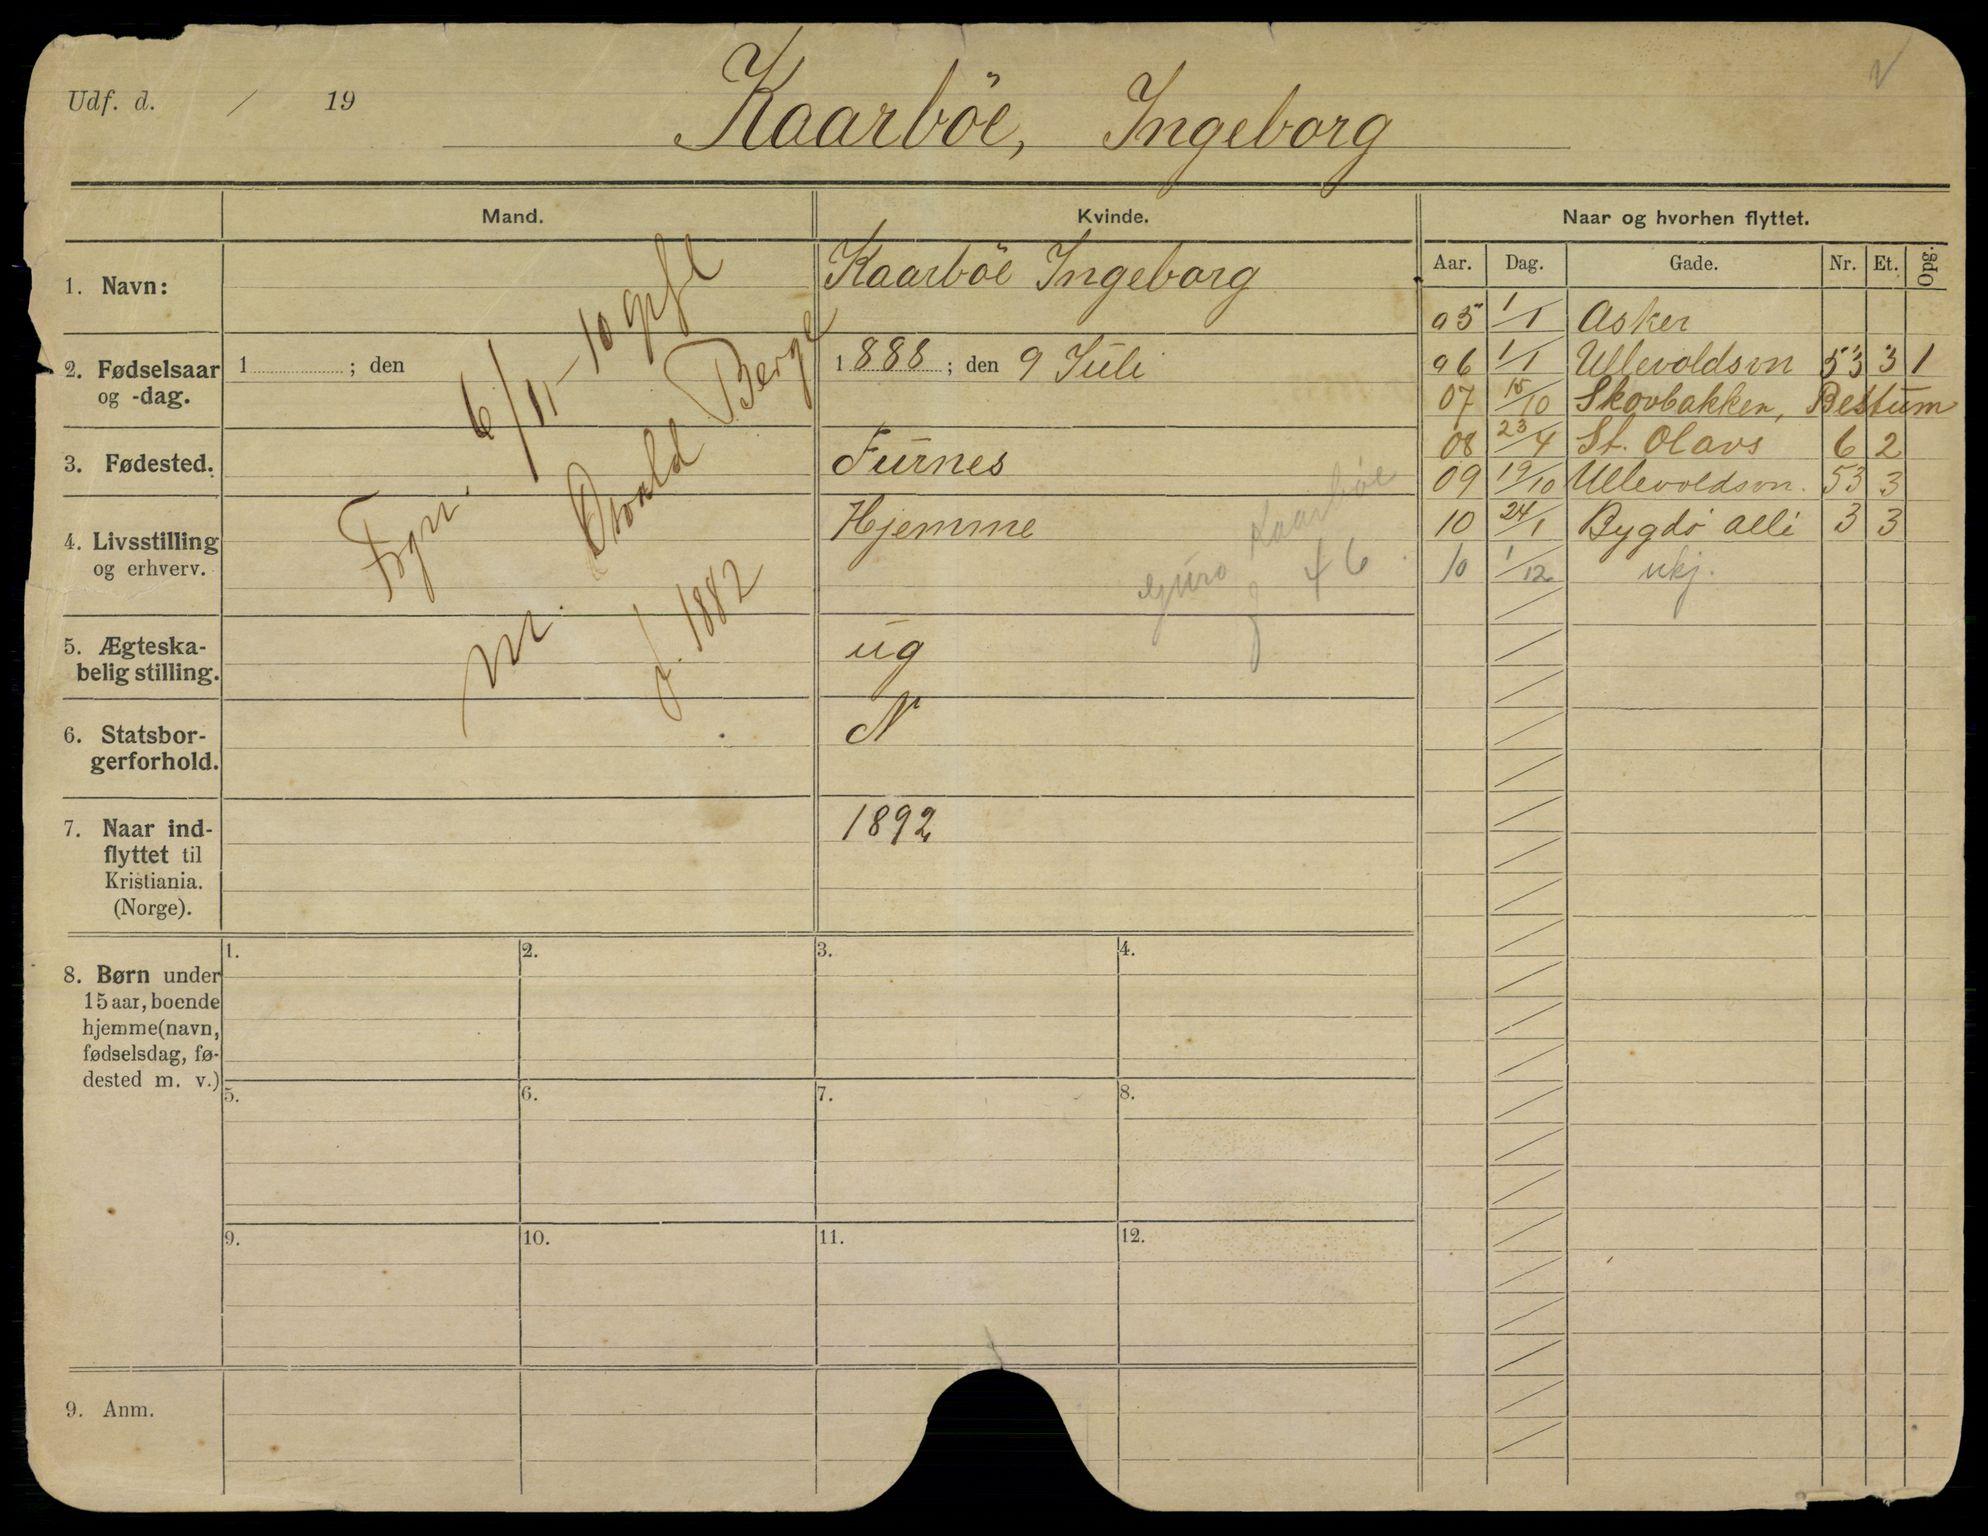 SAO, Oslo folkeregister, Registerkort, K/Kb/L0010: K - Å, 1910